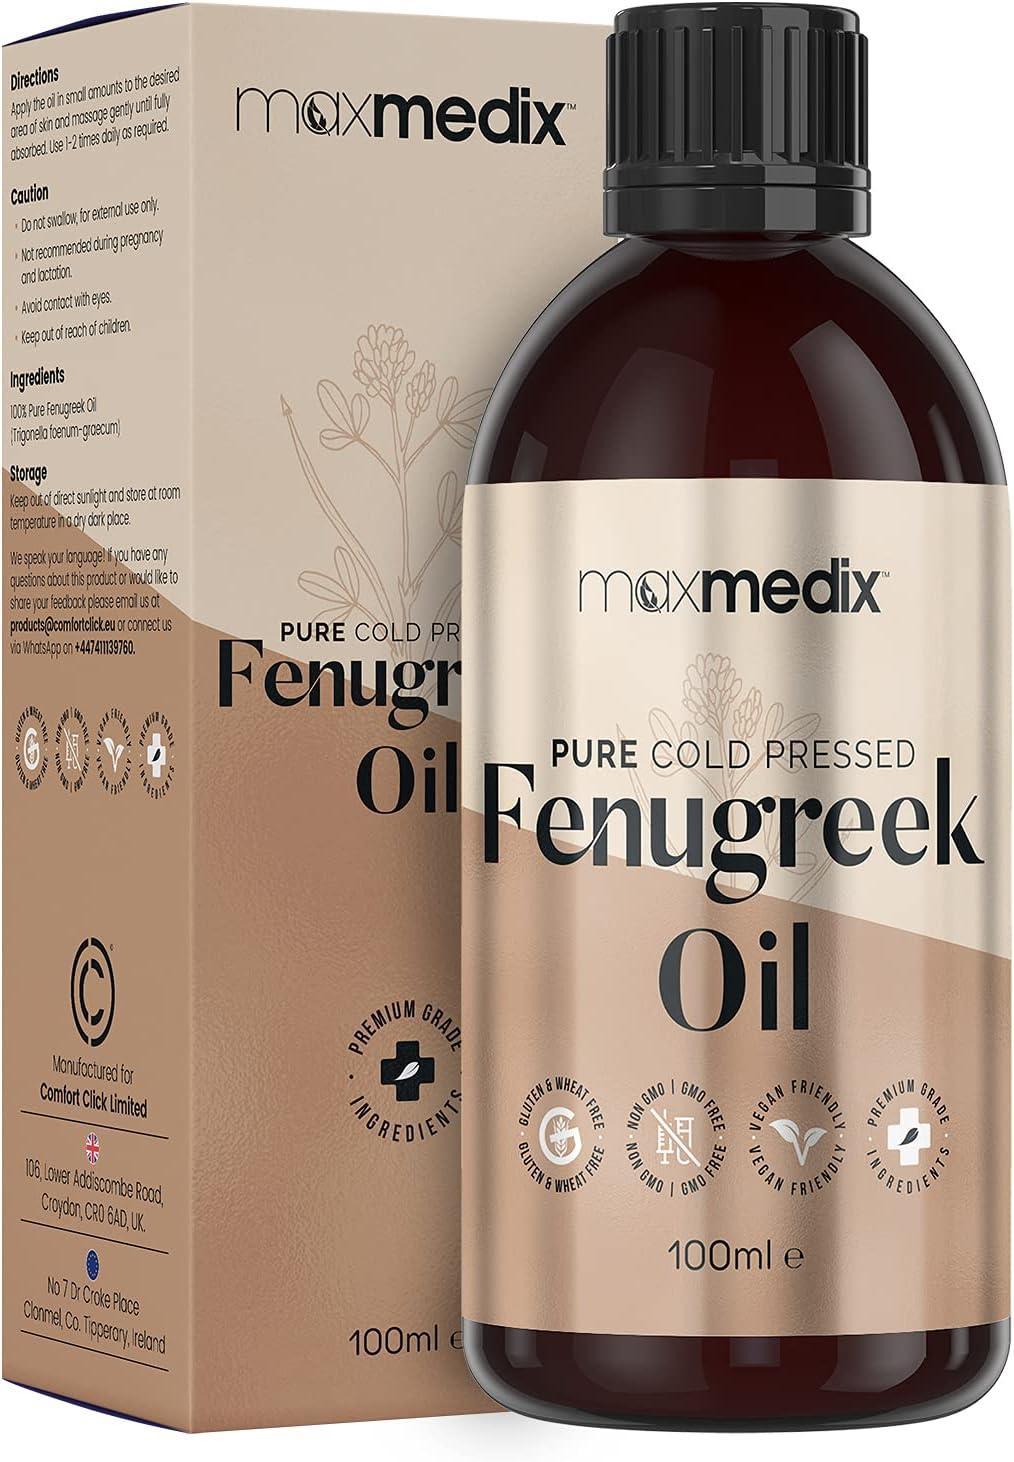 Aceite de Fenogreco 100ml - Aceite 100% Puro Por Prensado en Frío MaxMedix - Aceite de Masaje para Escote, Cuerpo, Manos y Cabello - Ayuda Natural ...